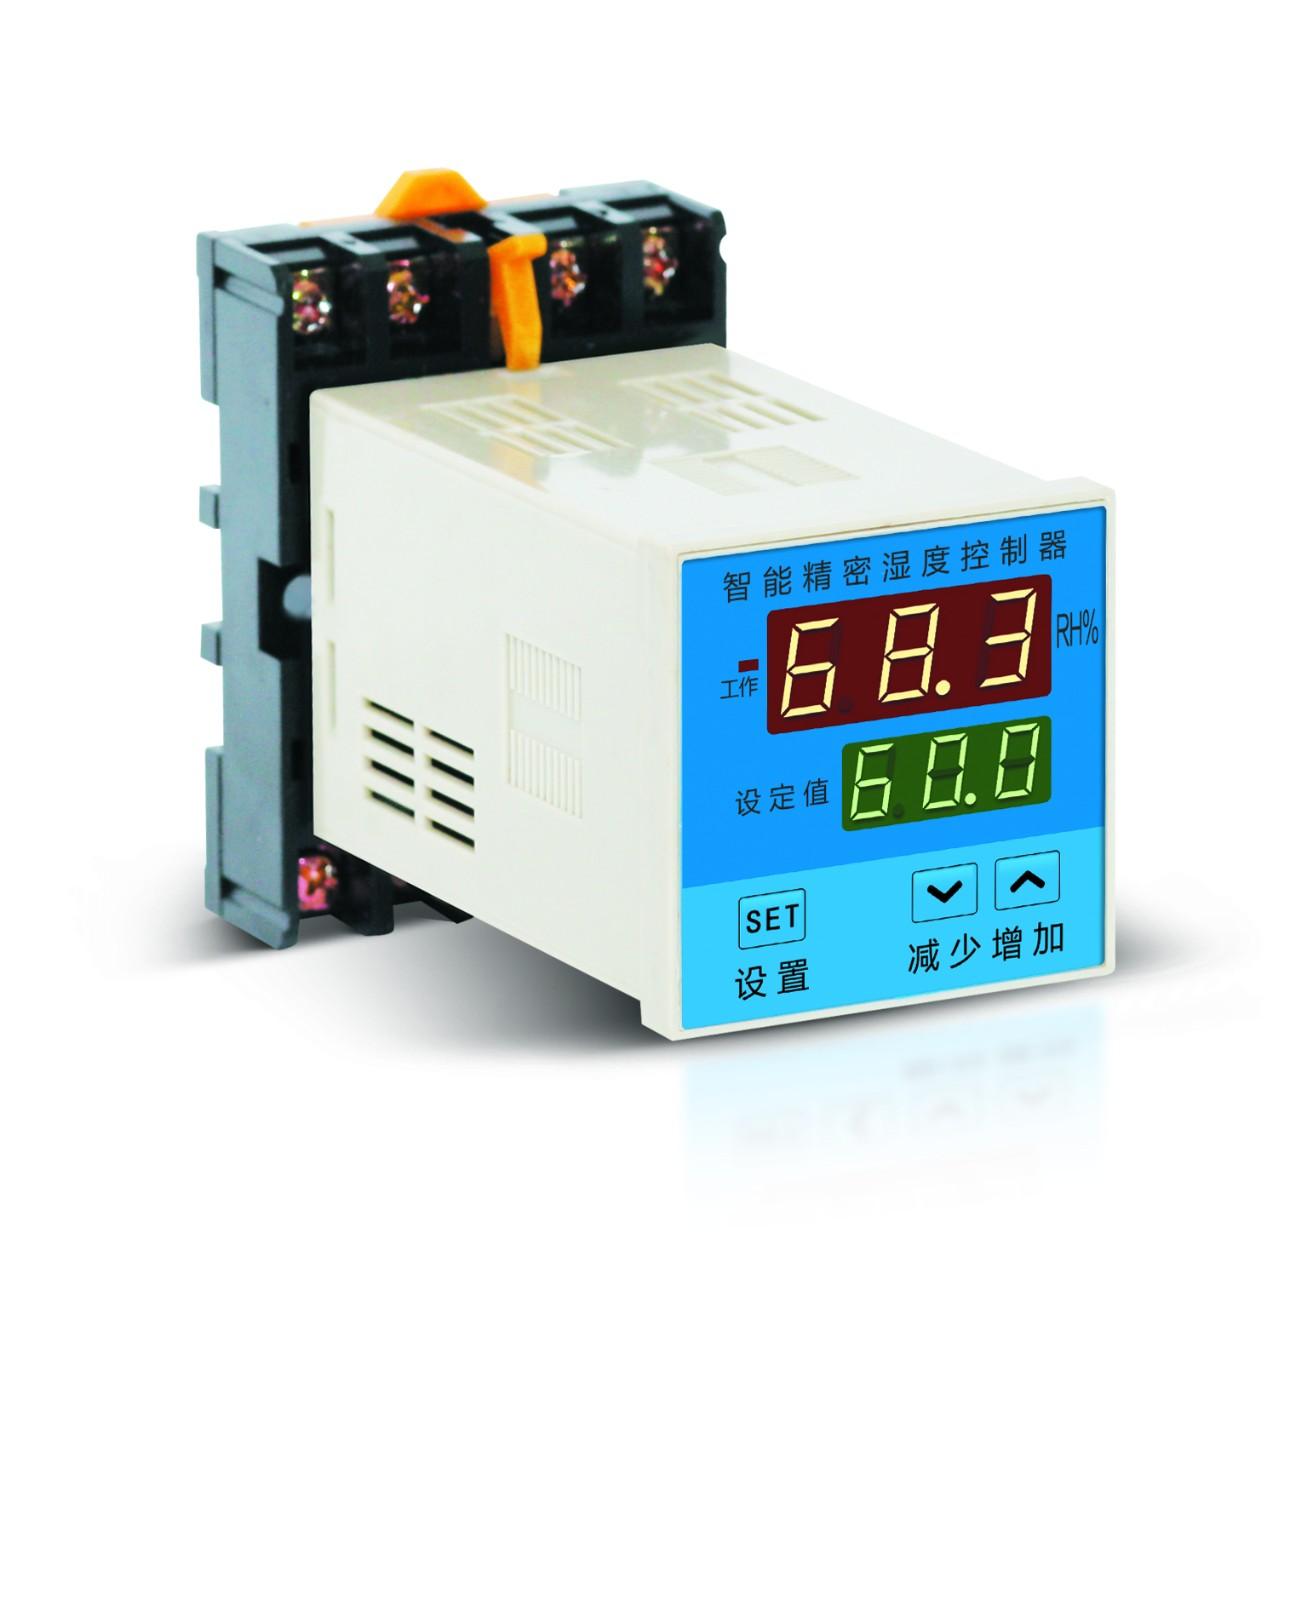 株洲市ZR-WKA03-1H/50W-120温湿度控制器高品